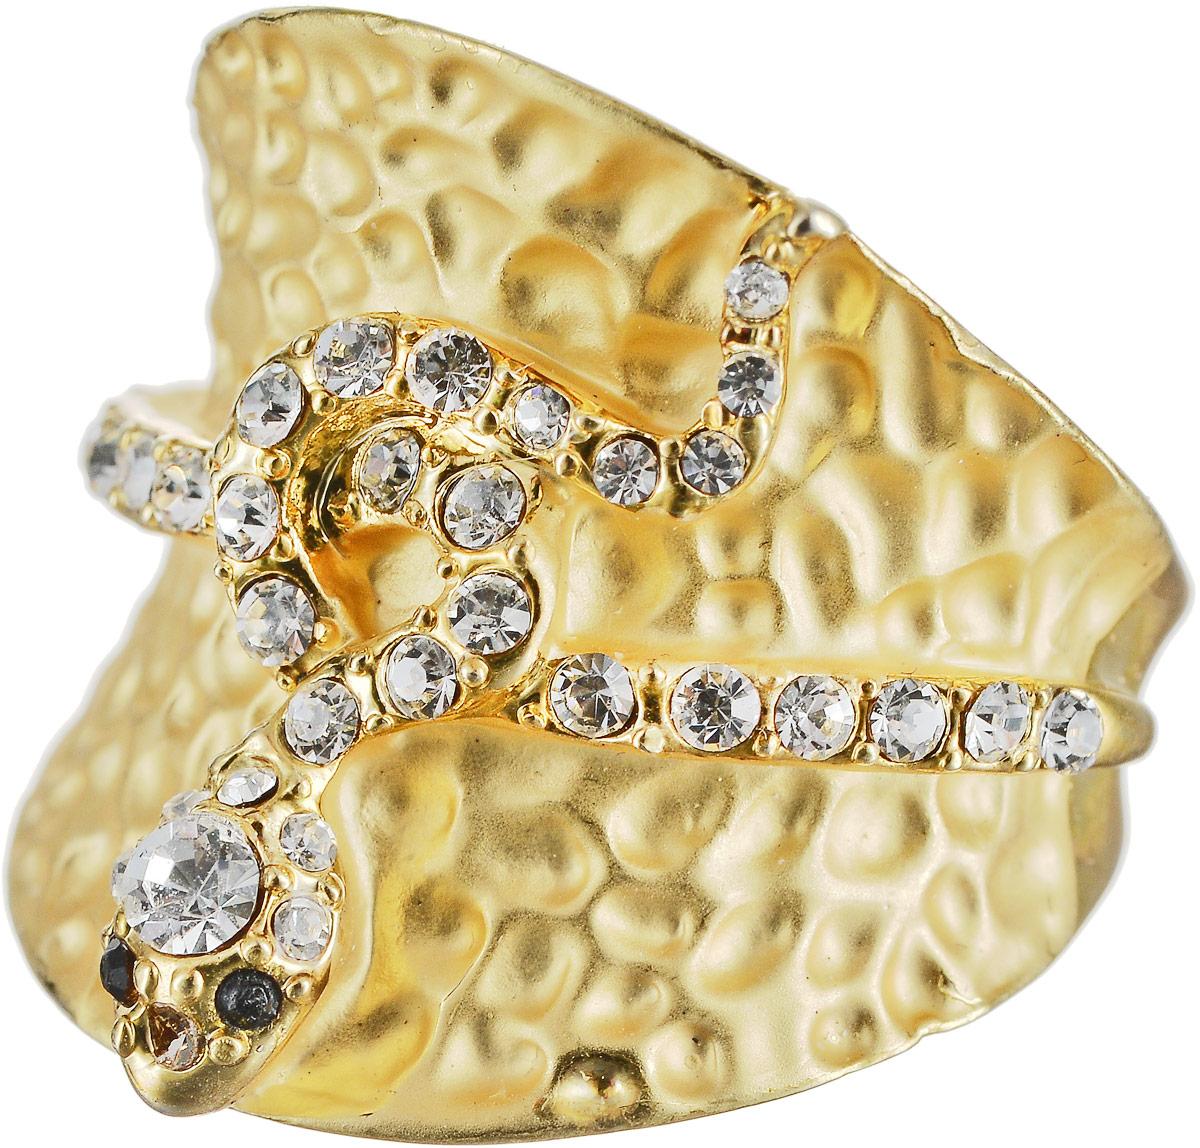 Кольцо Art-Silver, цвет: золотой. М341-540. Размер 17,5 серьги art silver цвет золотой сргч5008 425